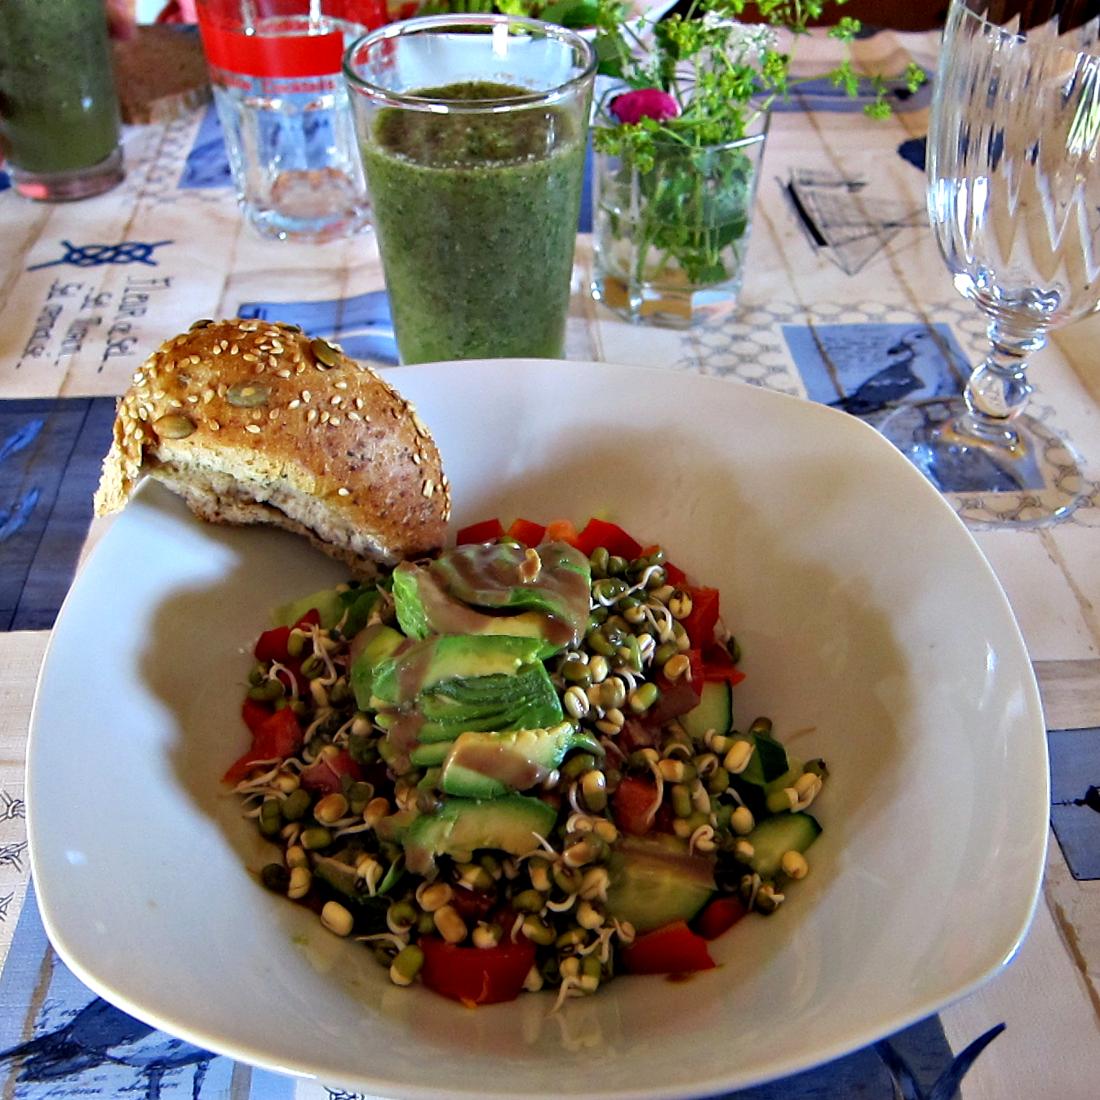 Grüner Saft und ein reichhaltiger Sprossensalat mit Avocado